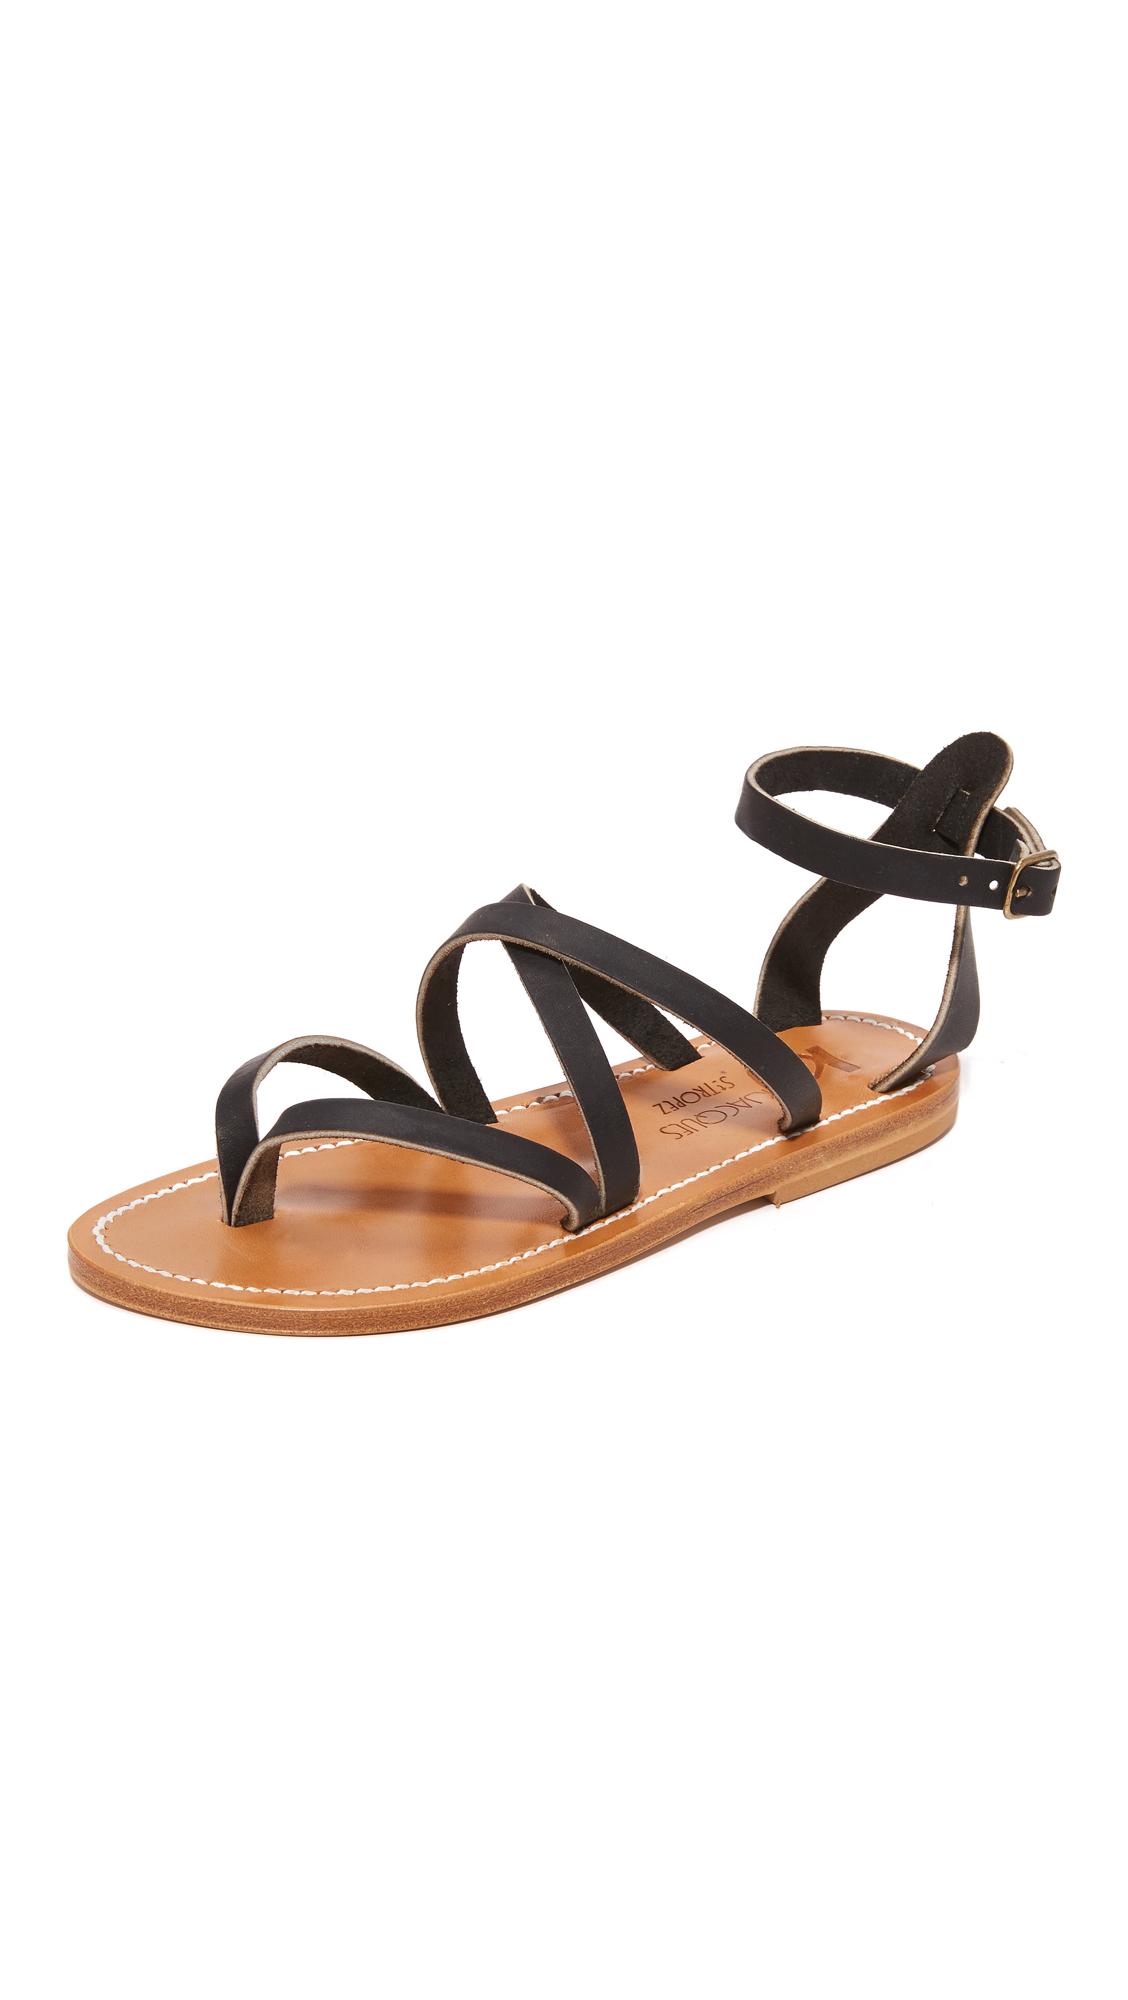 K. Jacques Epicure Sandals - Pul Noir